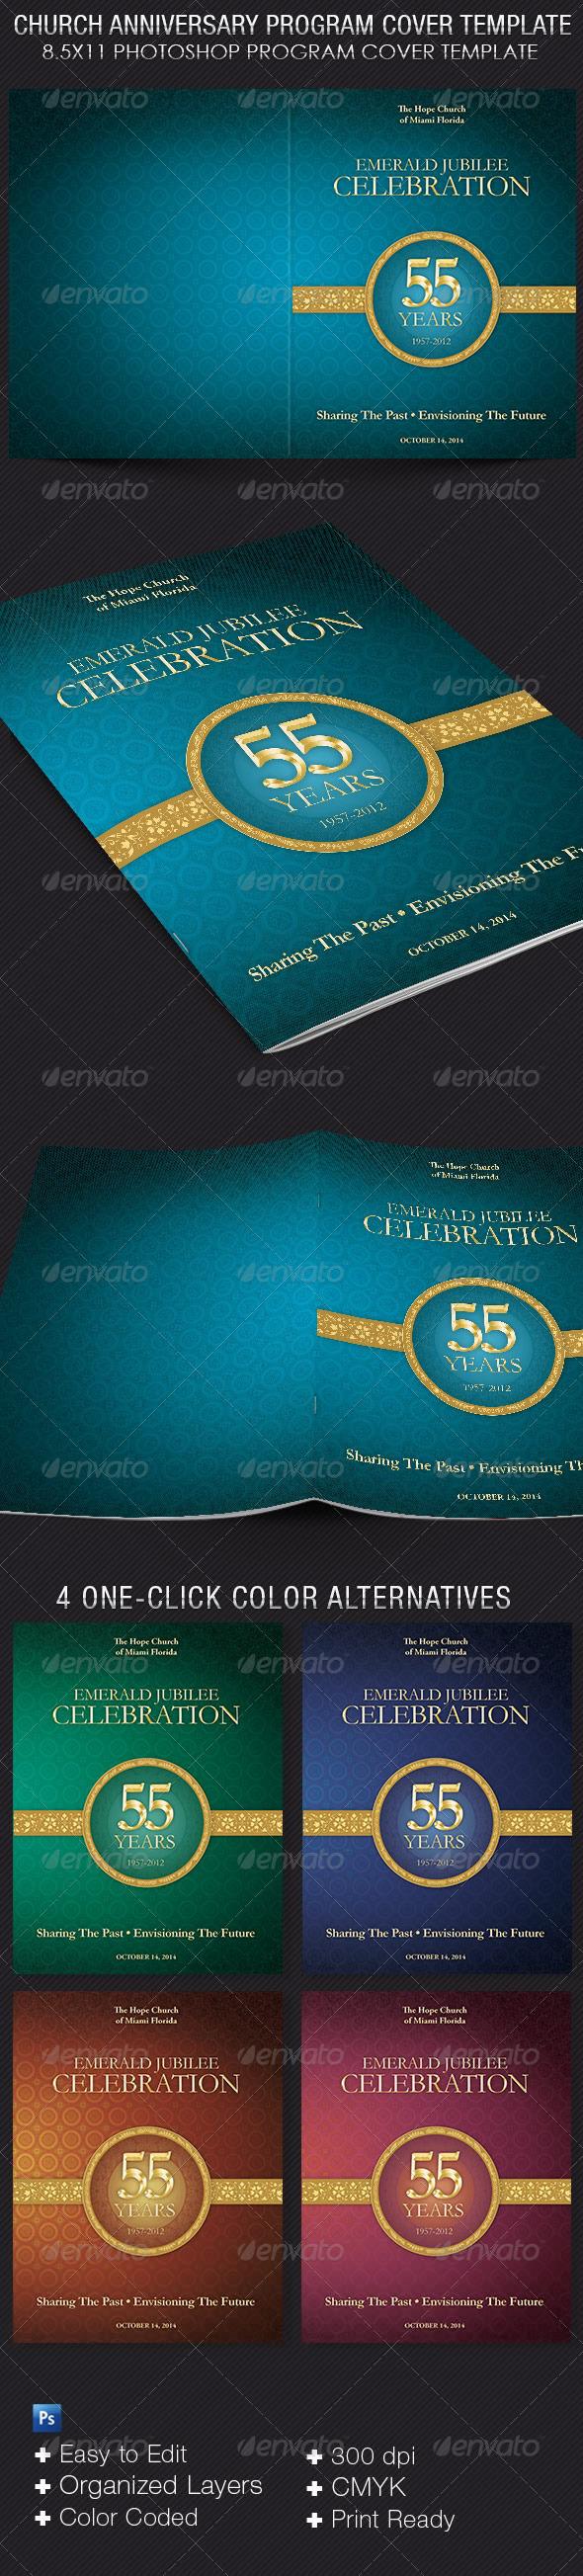 Church Anniversary Program Cover Template | GraphicRiver